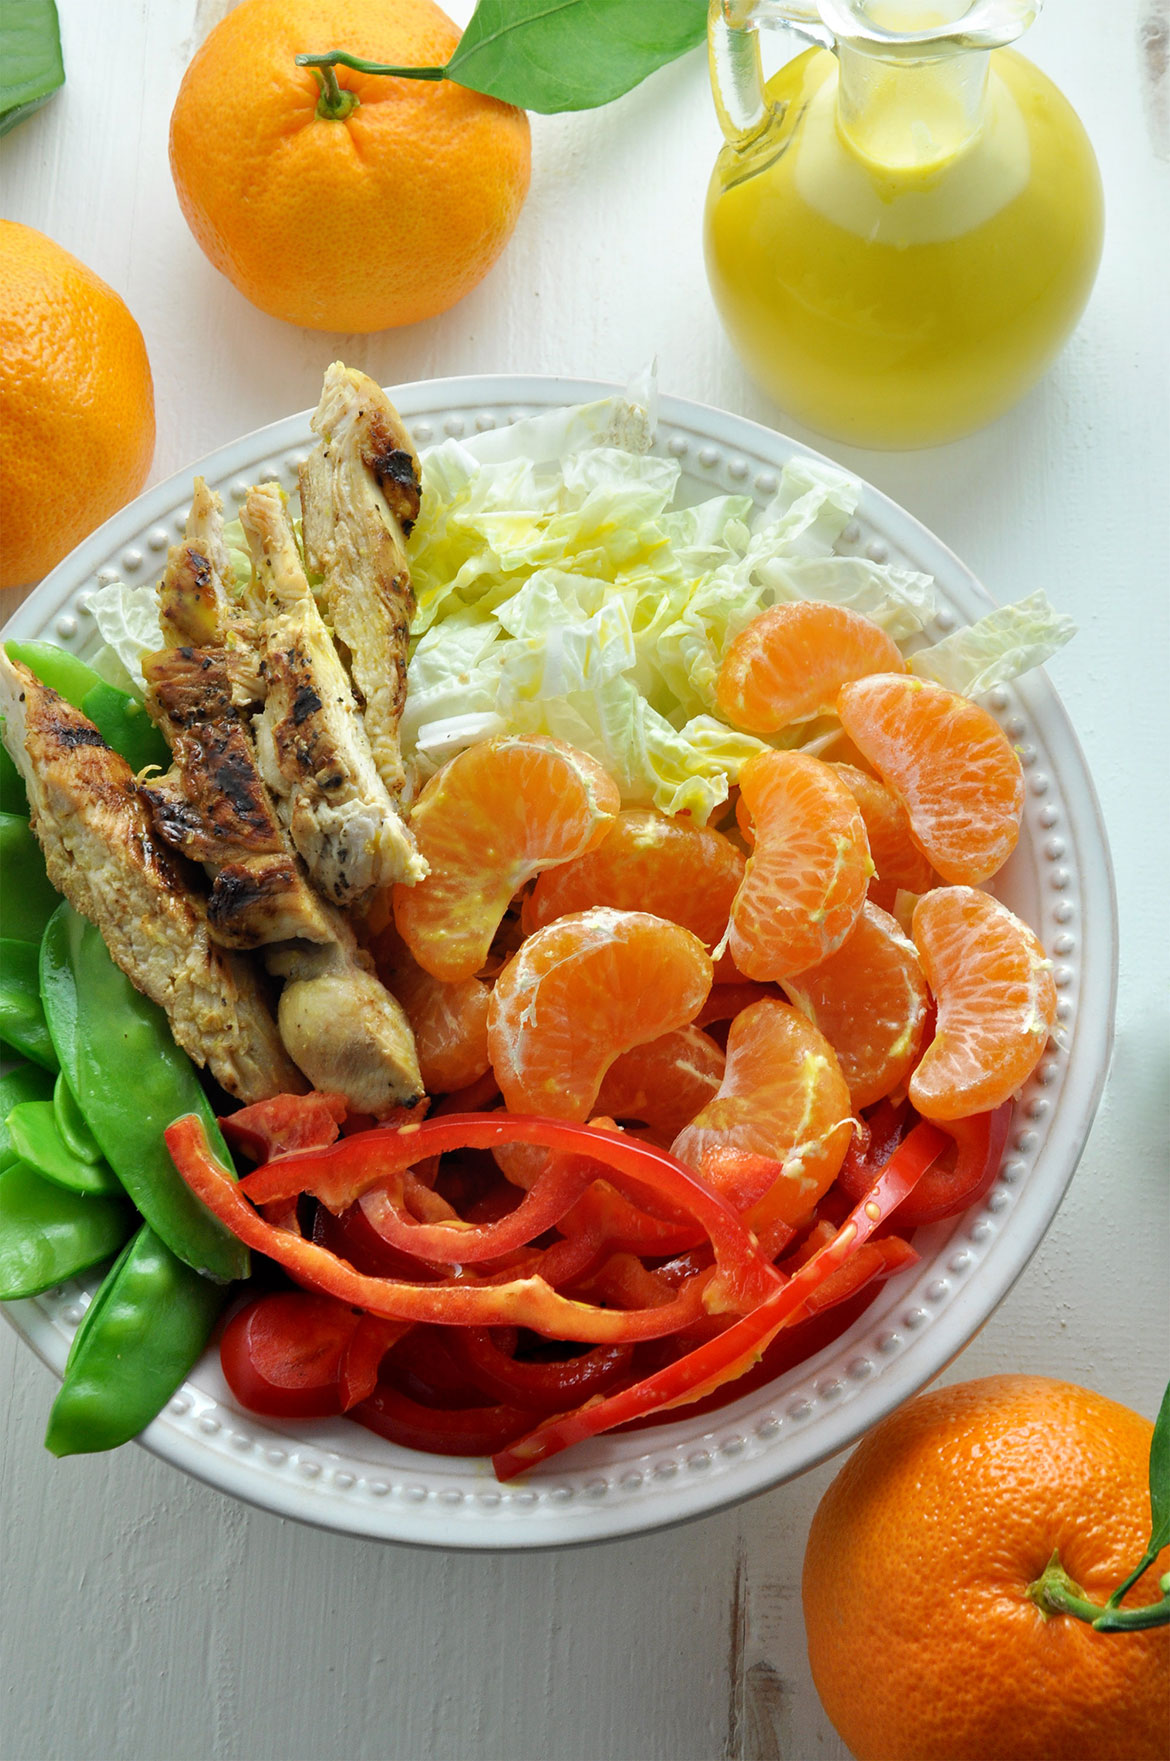 Satsuma橘子鸡肉沙拉